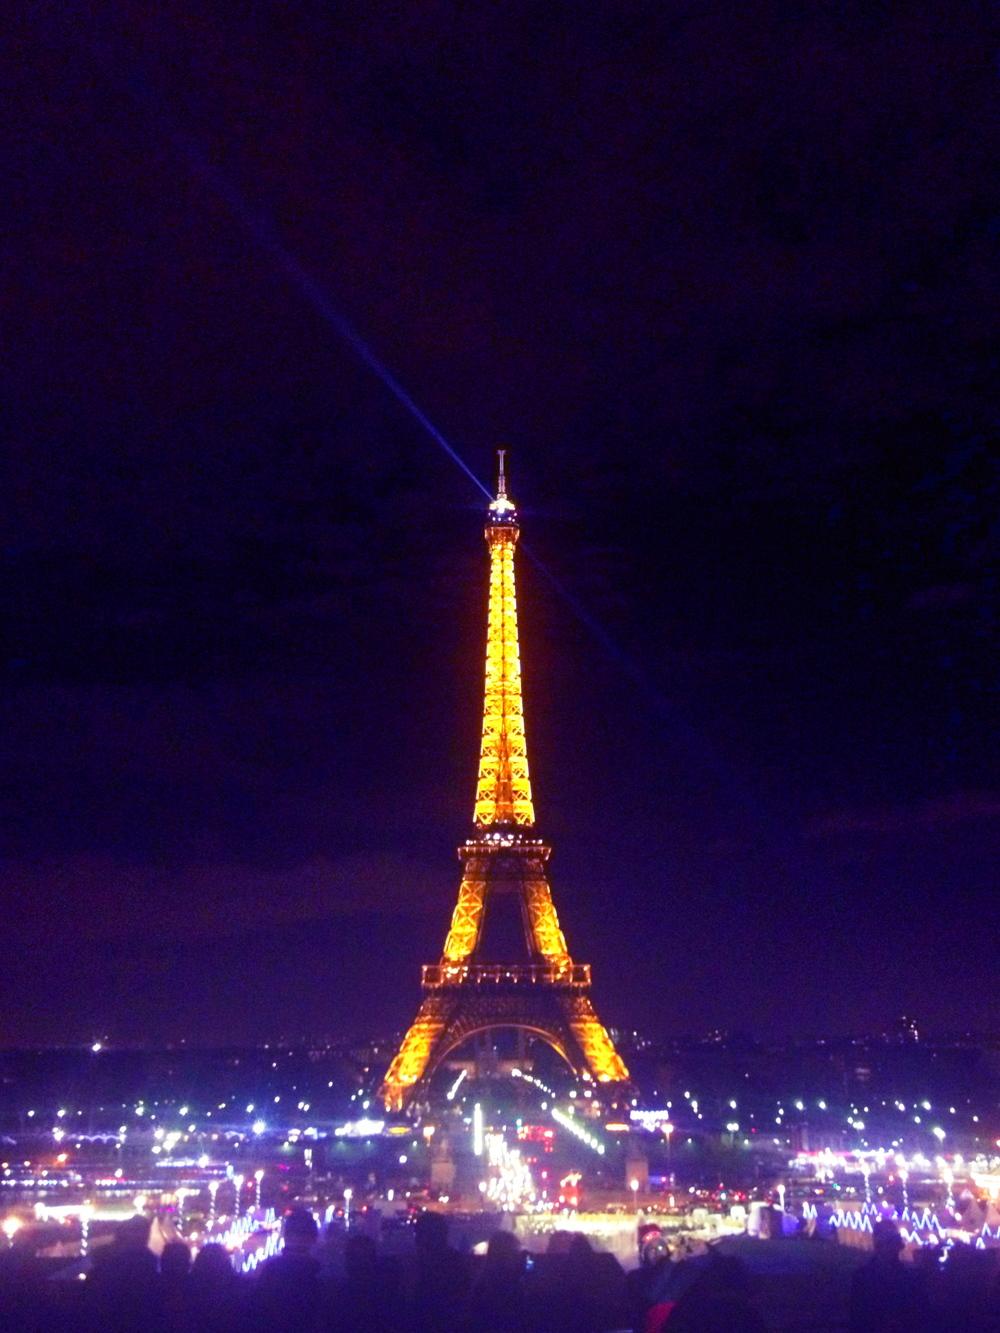 I ran away to Paris, and Paris saved me.